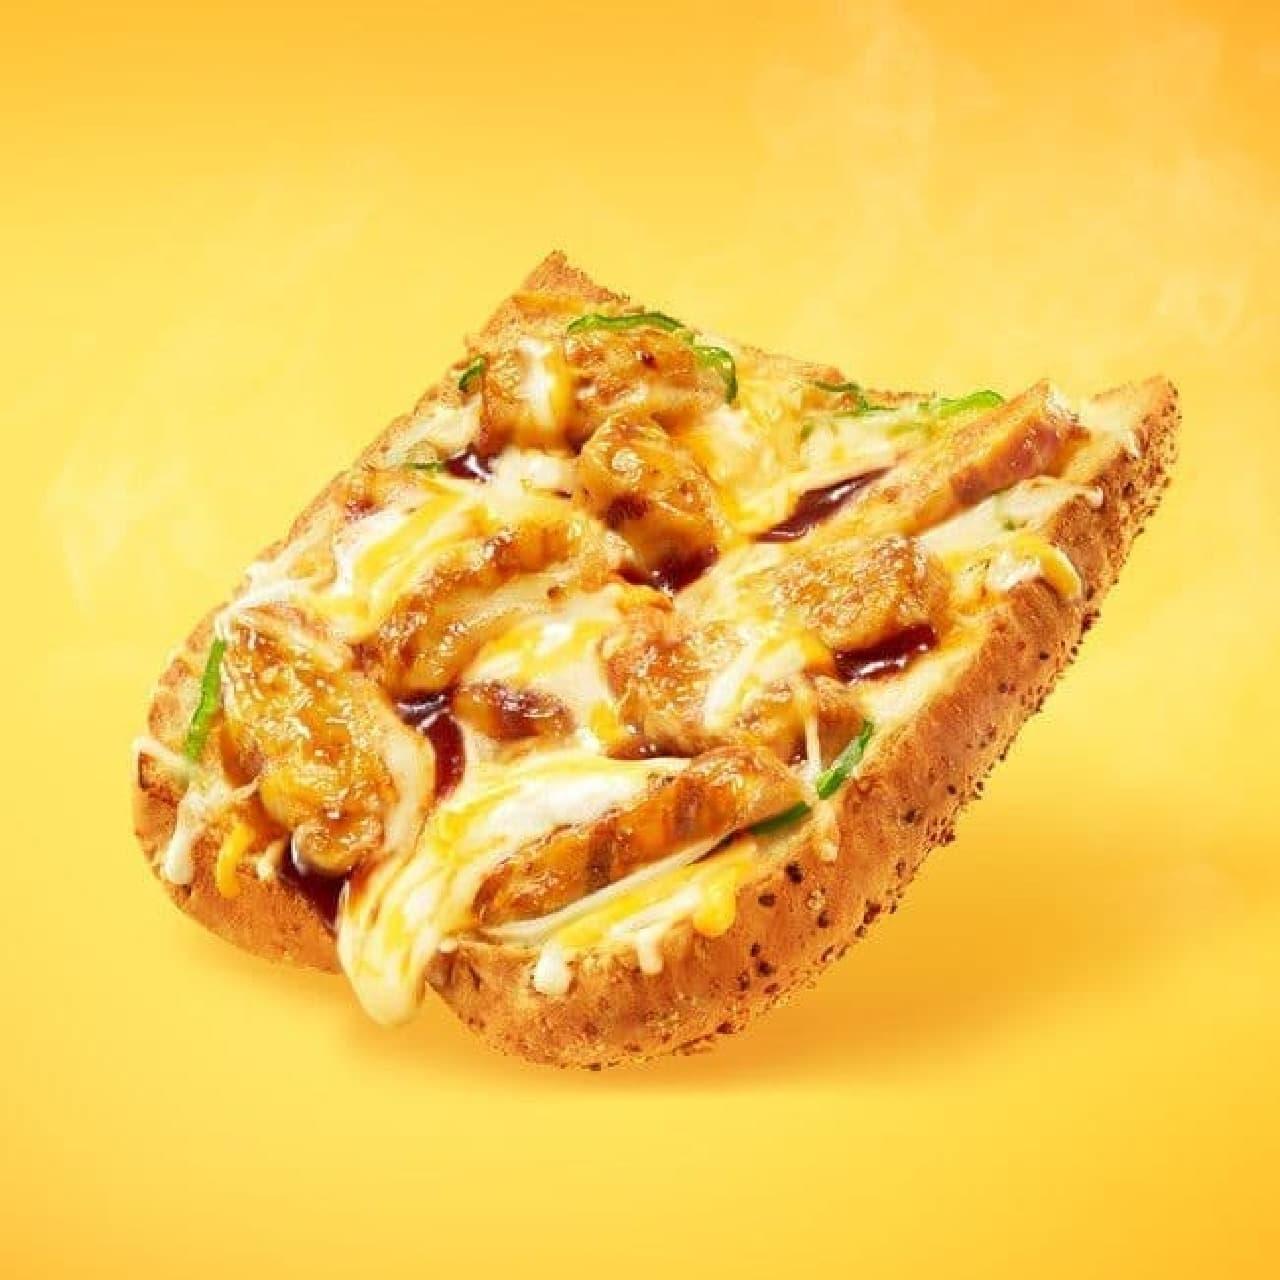 サブウェイ「ピザ 大人デミグラスチキン」